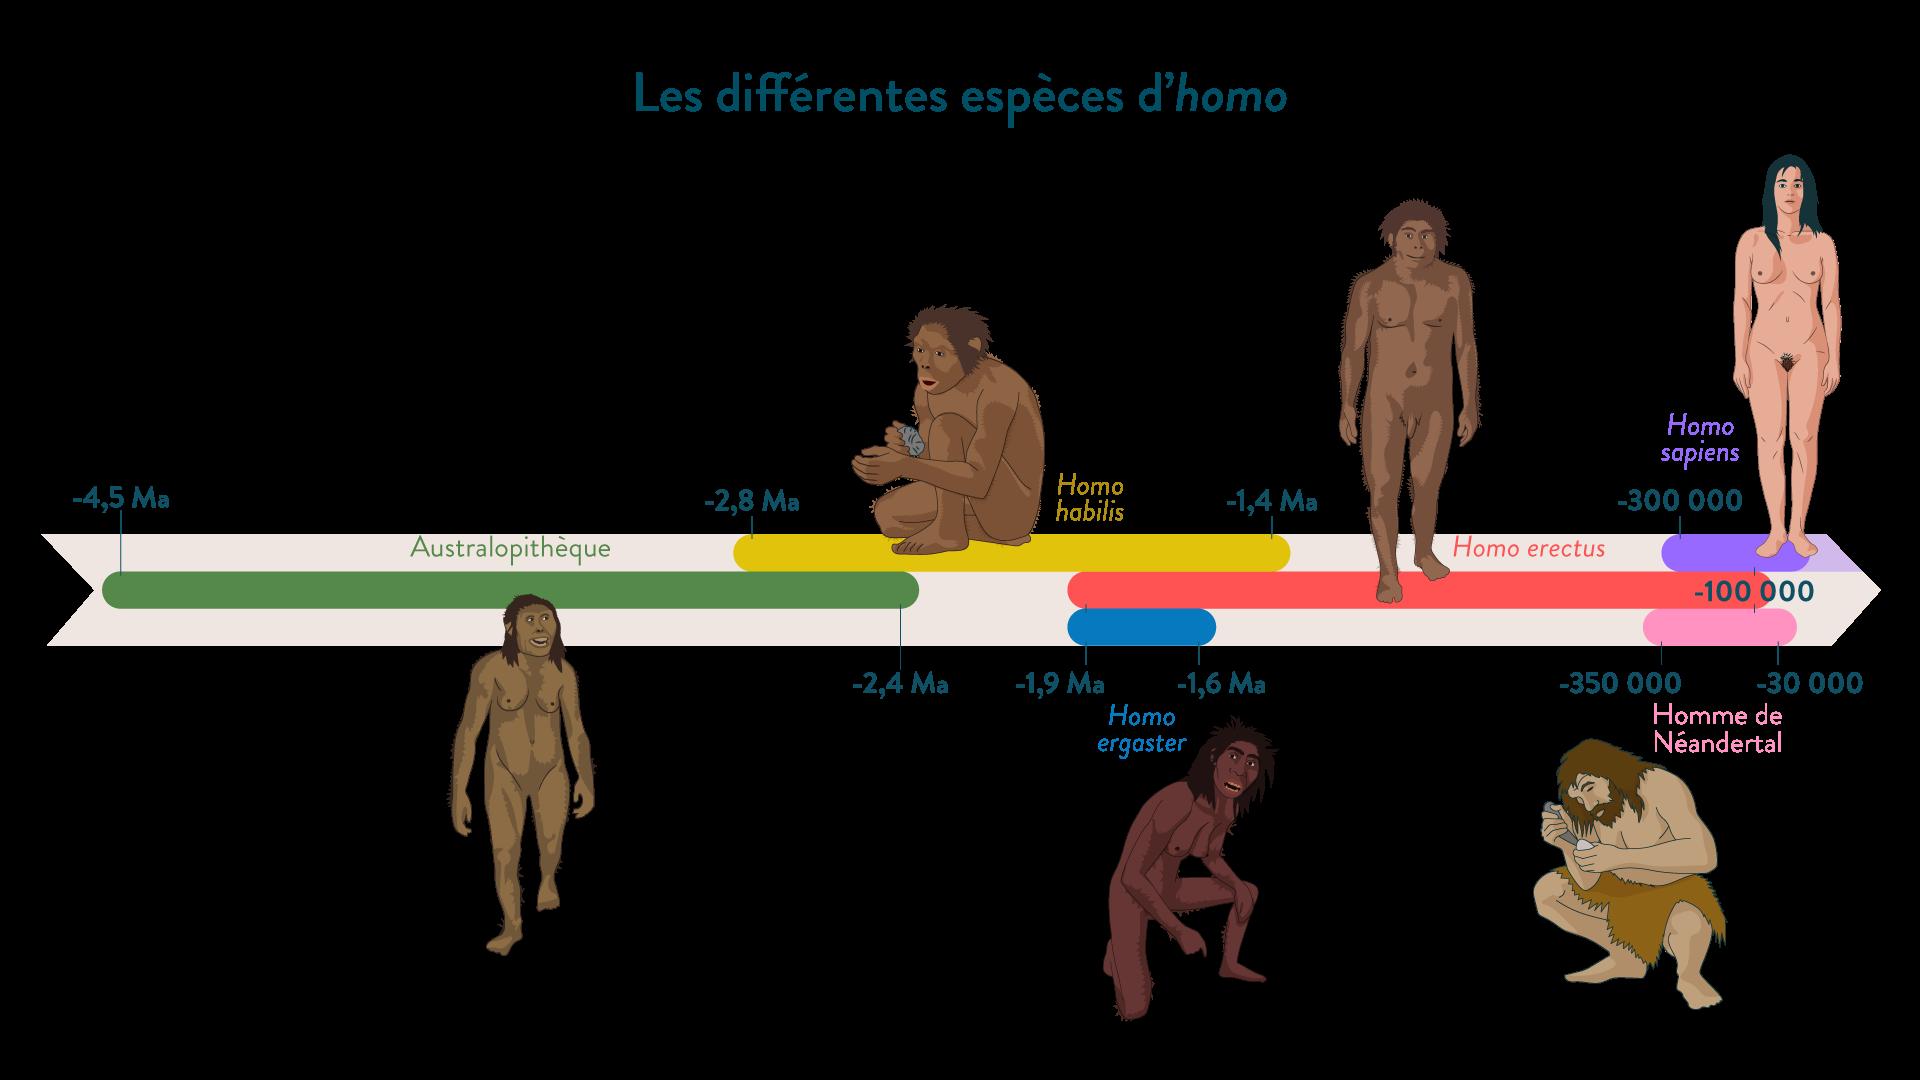 L'évolution de l'espèce humaine